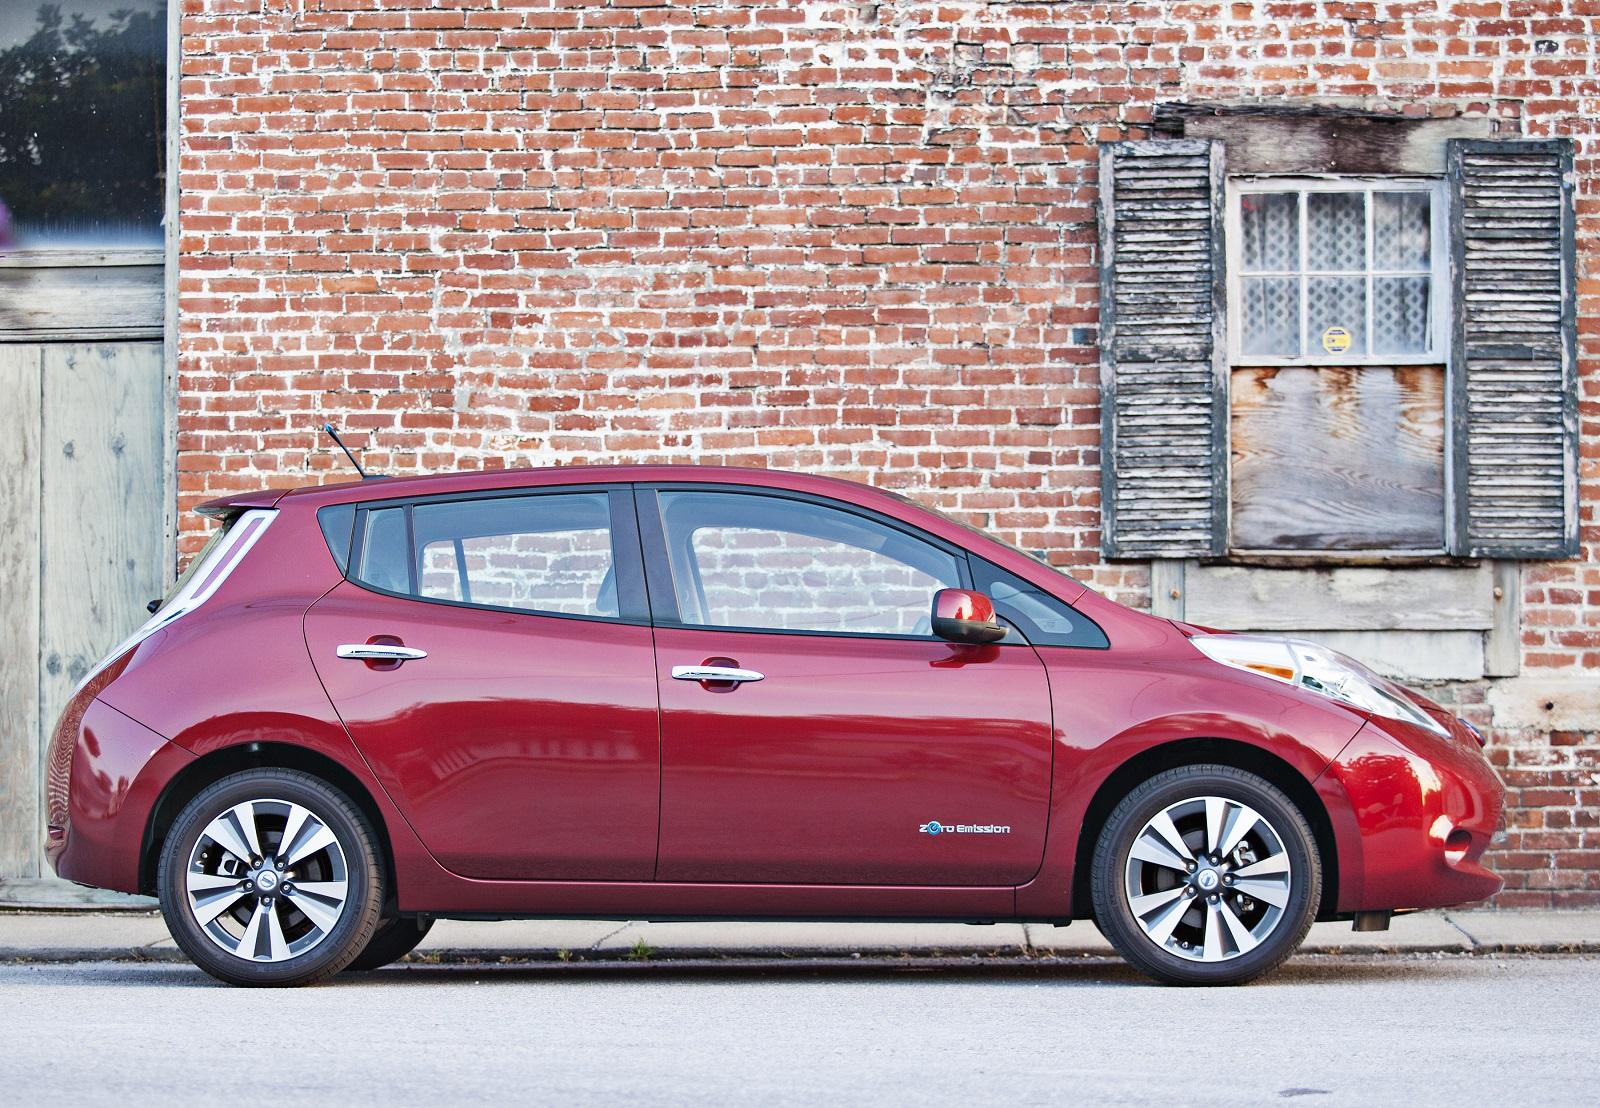 Nissan Leaf Battery Life >> 2014 Nissan Leaf Electric Car: 84-Mile Range, RearView ...